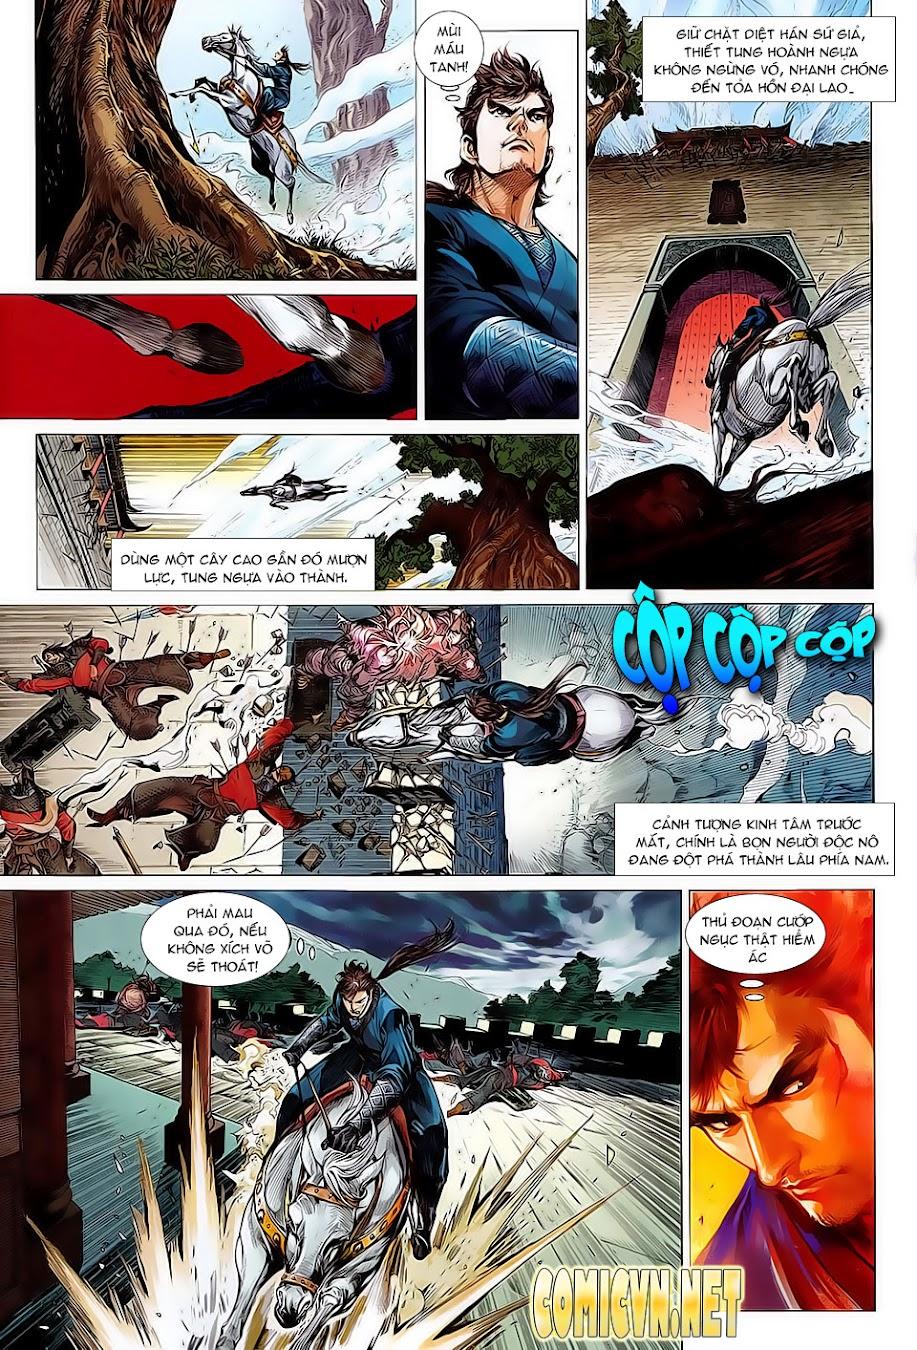 truyện tranh thiết tướng tung hoành Chapter 1/